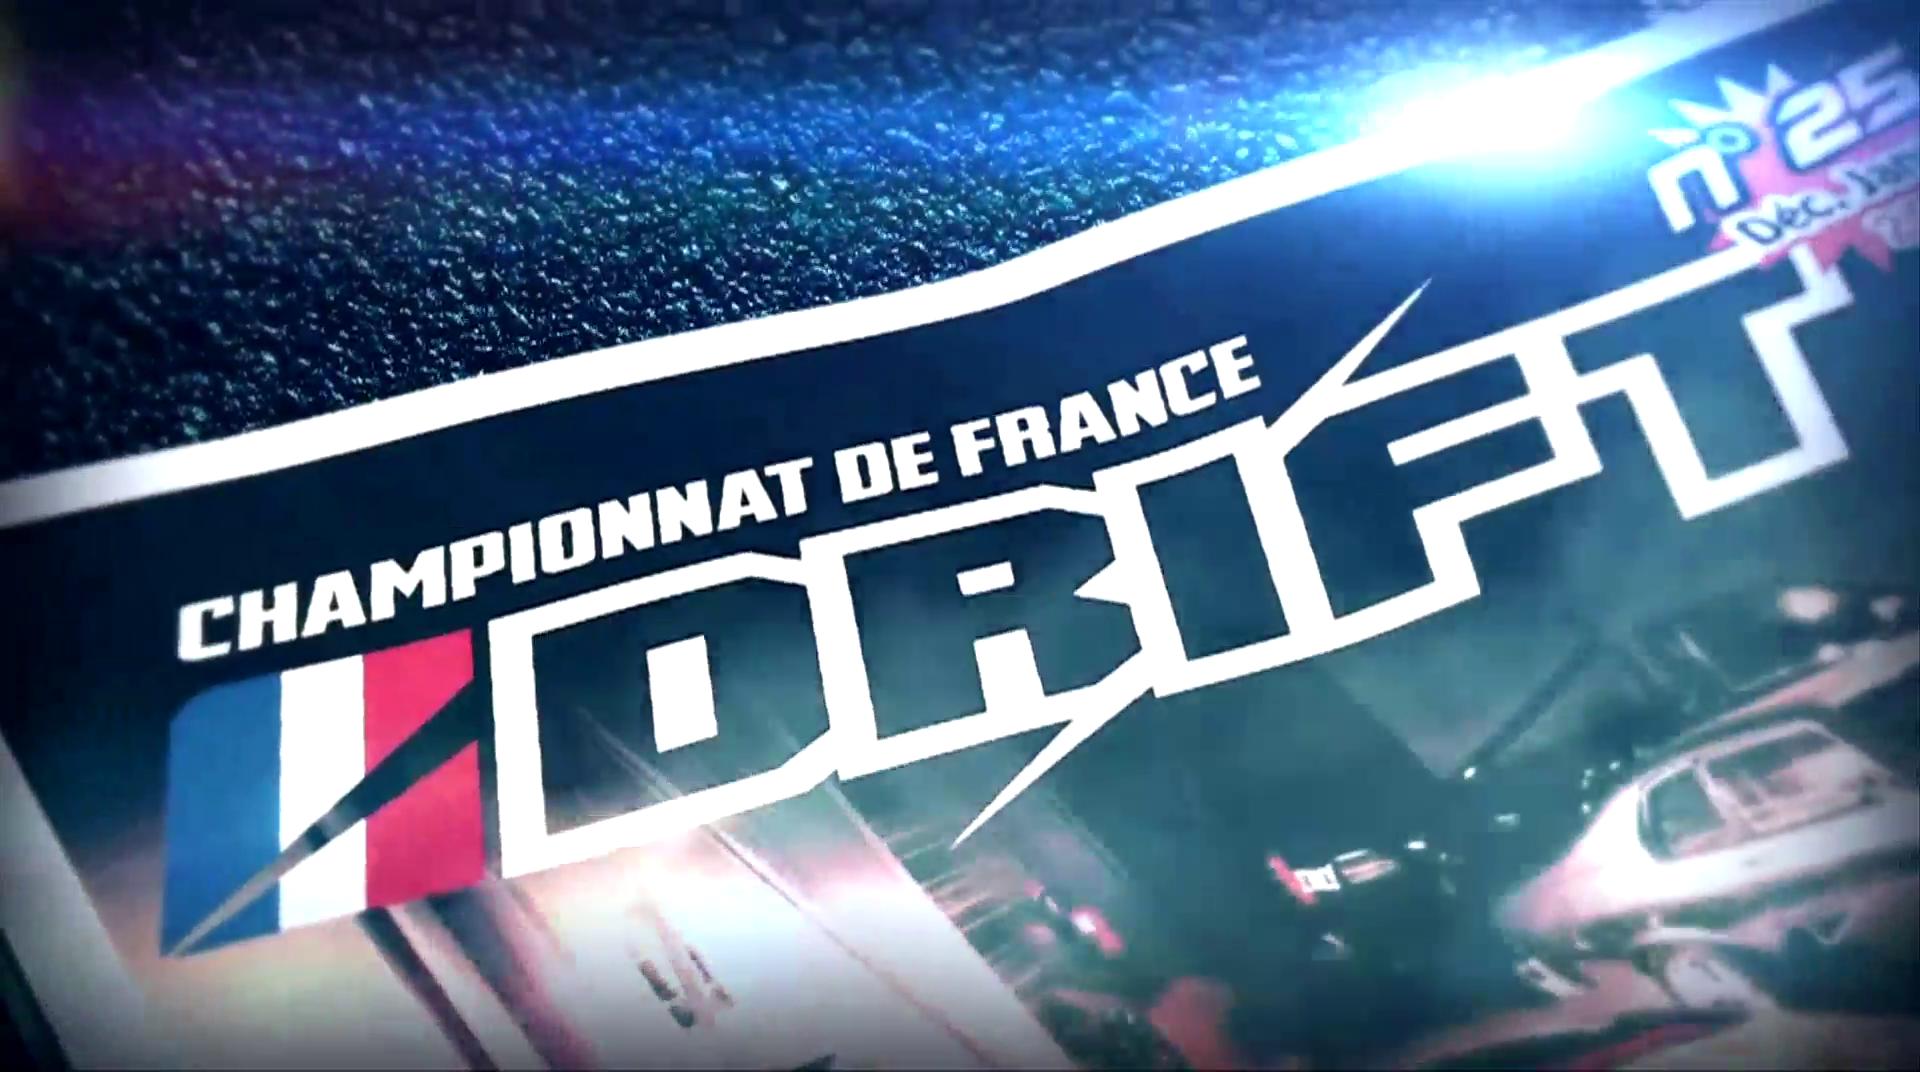 PROGRAMME TV: Championnat de France de Drift